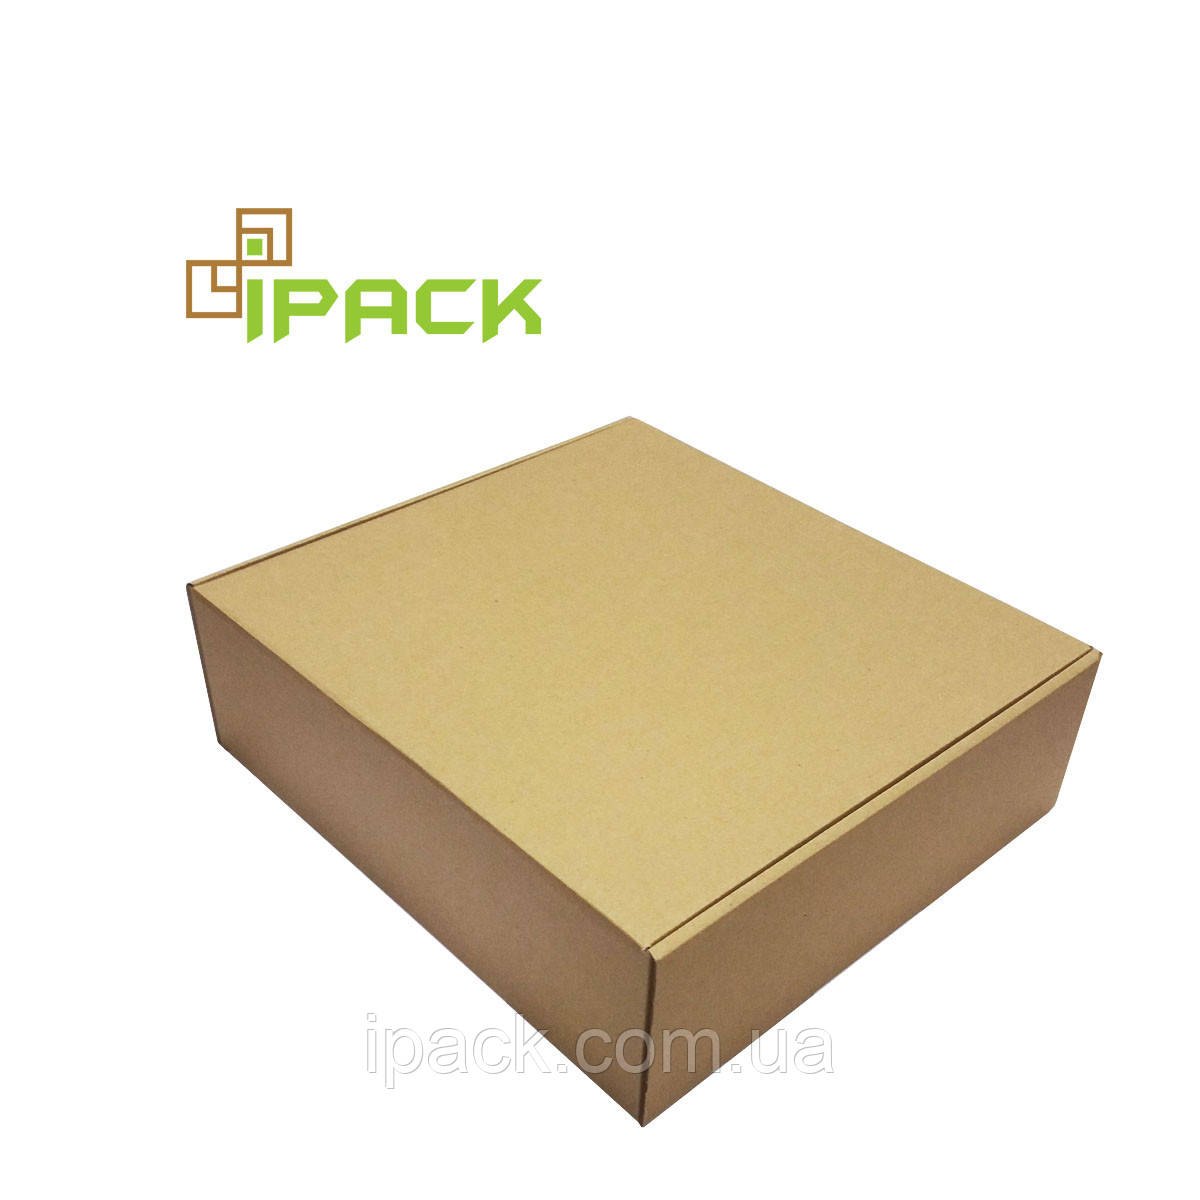 Коробка картонна самозбираюча 320*300*100 мм бура крафт мікрогофрокартон